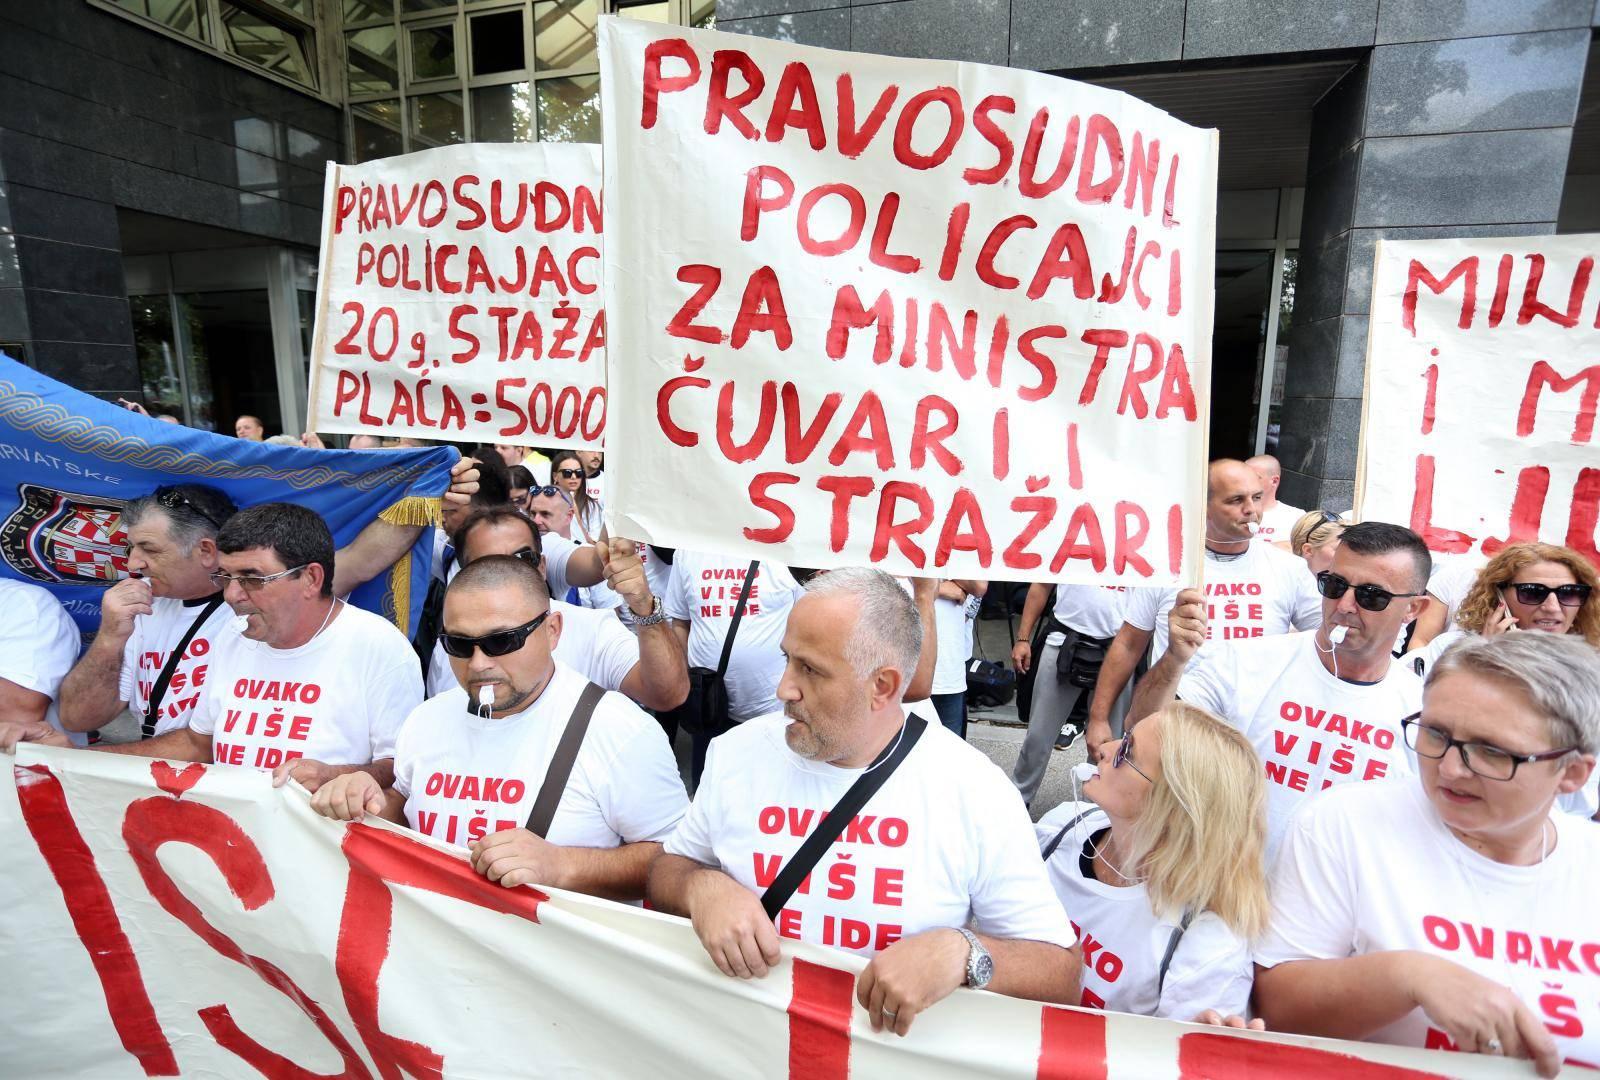 Zagreb: Prosvjed Sindikata pravosudne policije ispred Ministarstva pravosuđa